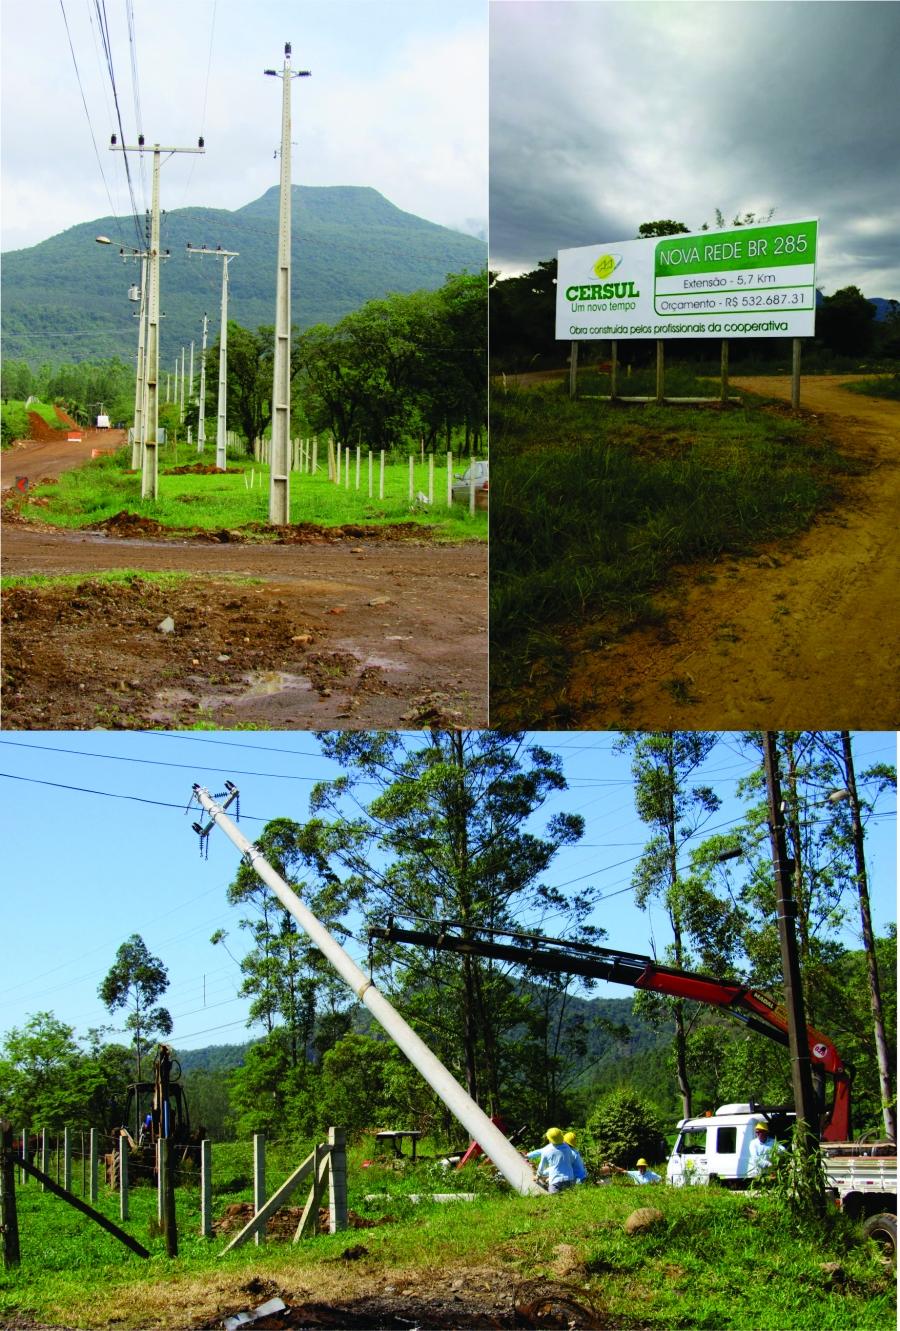 Cersul finaliza obras da nova rede na serra da Rocinha